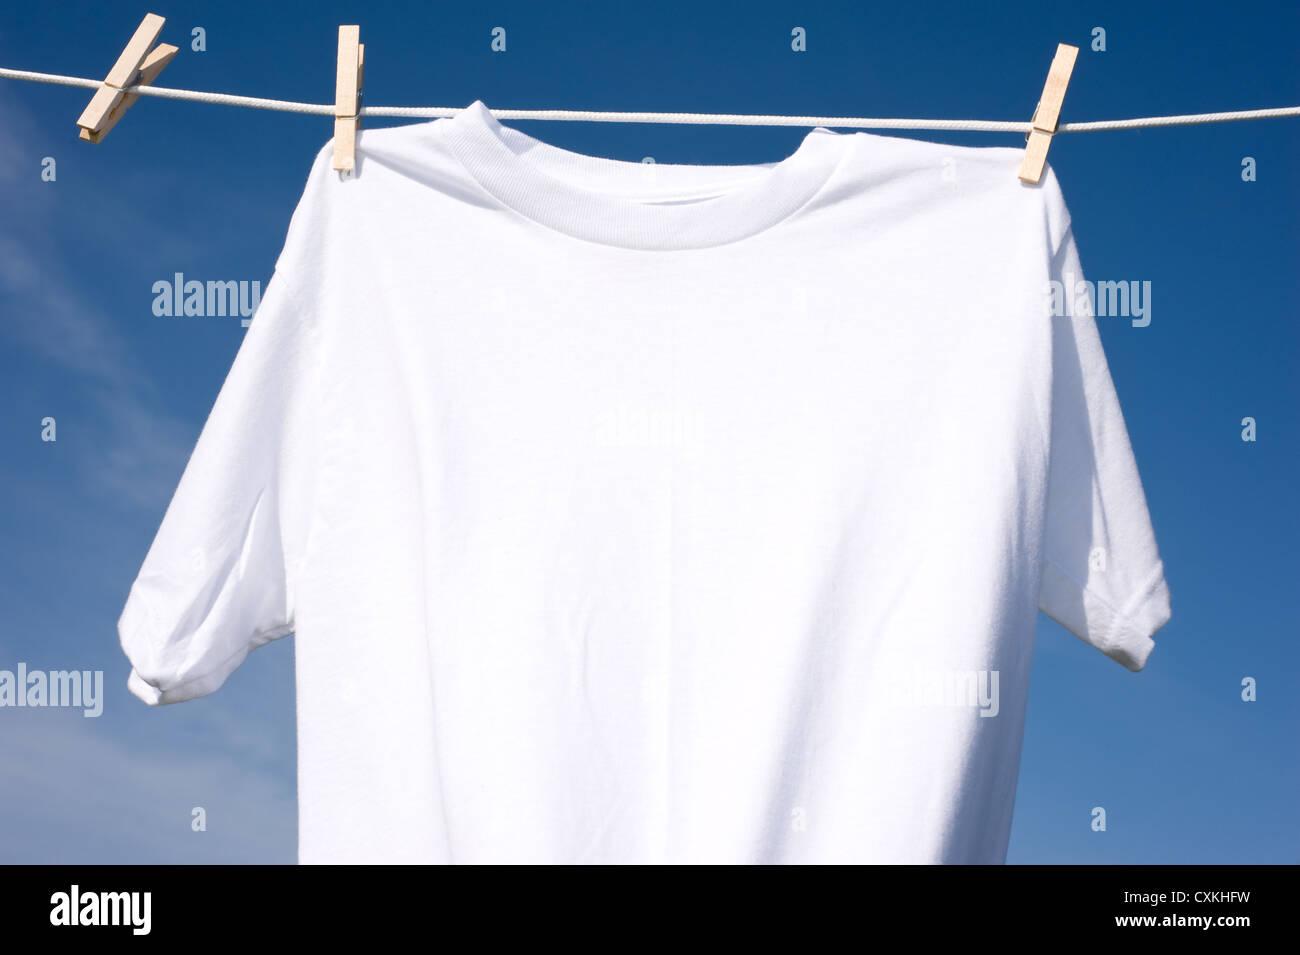 Ein schlichtes weißes T-shirt, eine Wäscheleine hängen, an einem ...